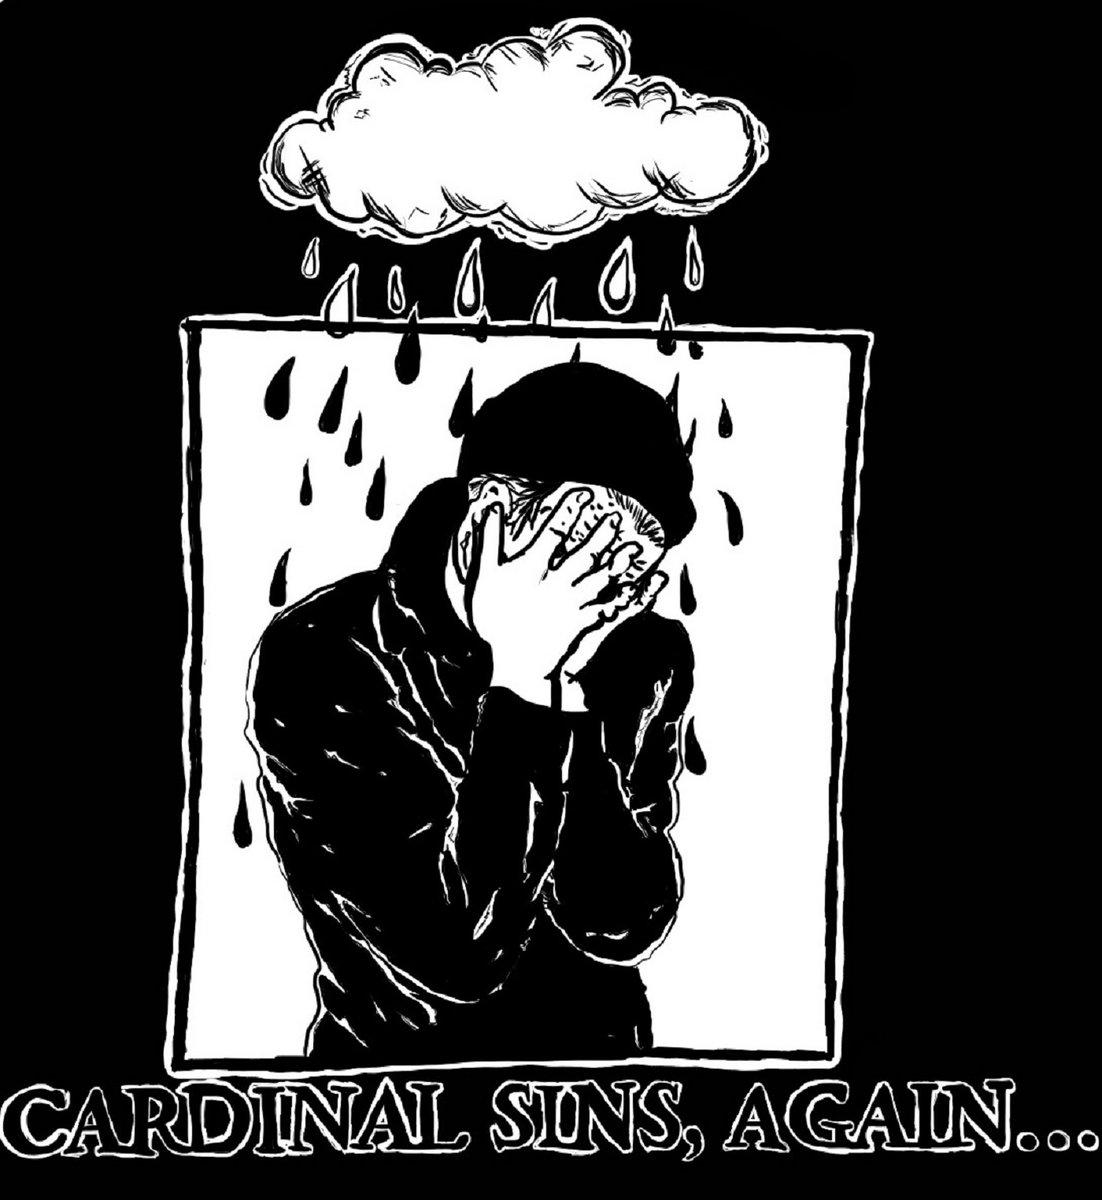 Cardinal Sins - Cardinal Sins, Again... [EP] (2018)